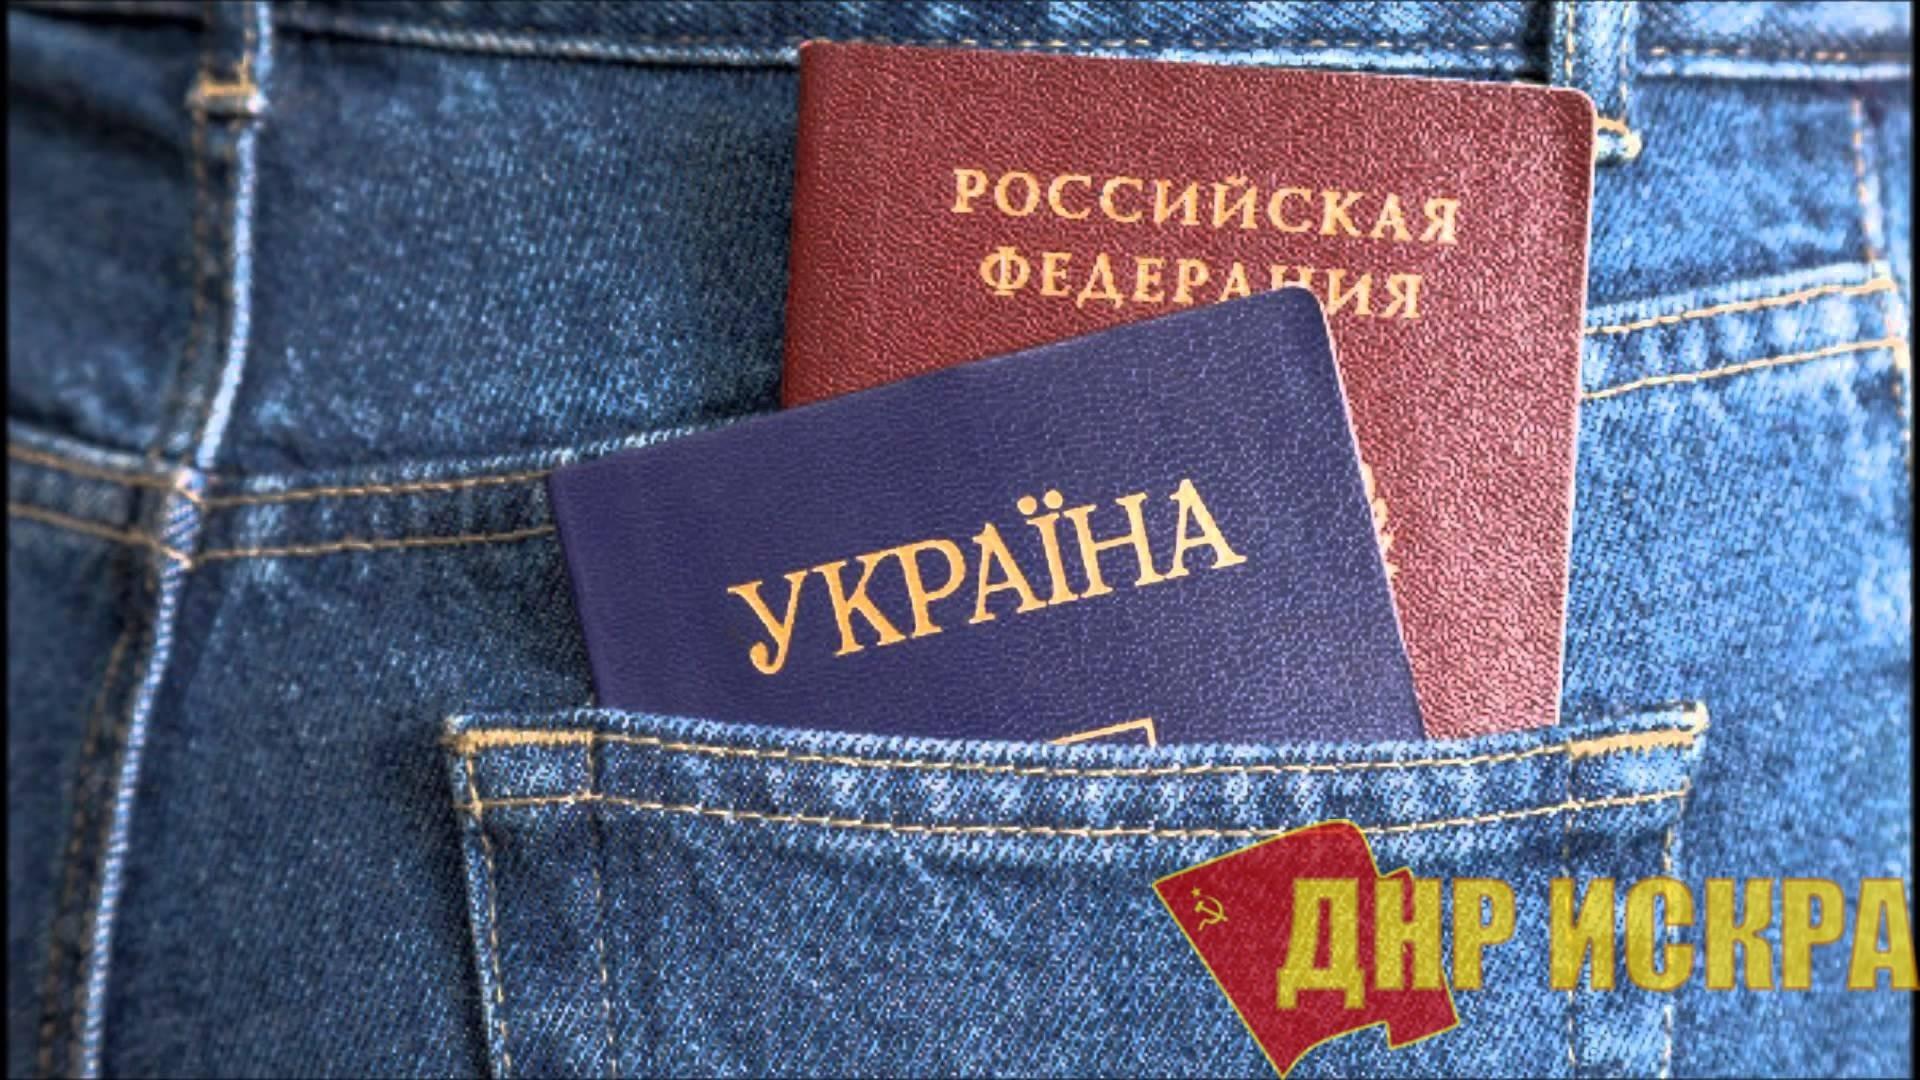 Ласковый телёнок двух маток сосёт: Почему крымчане не спешат избавляться от украинских паспортов?